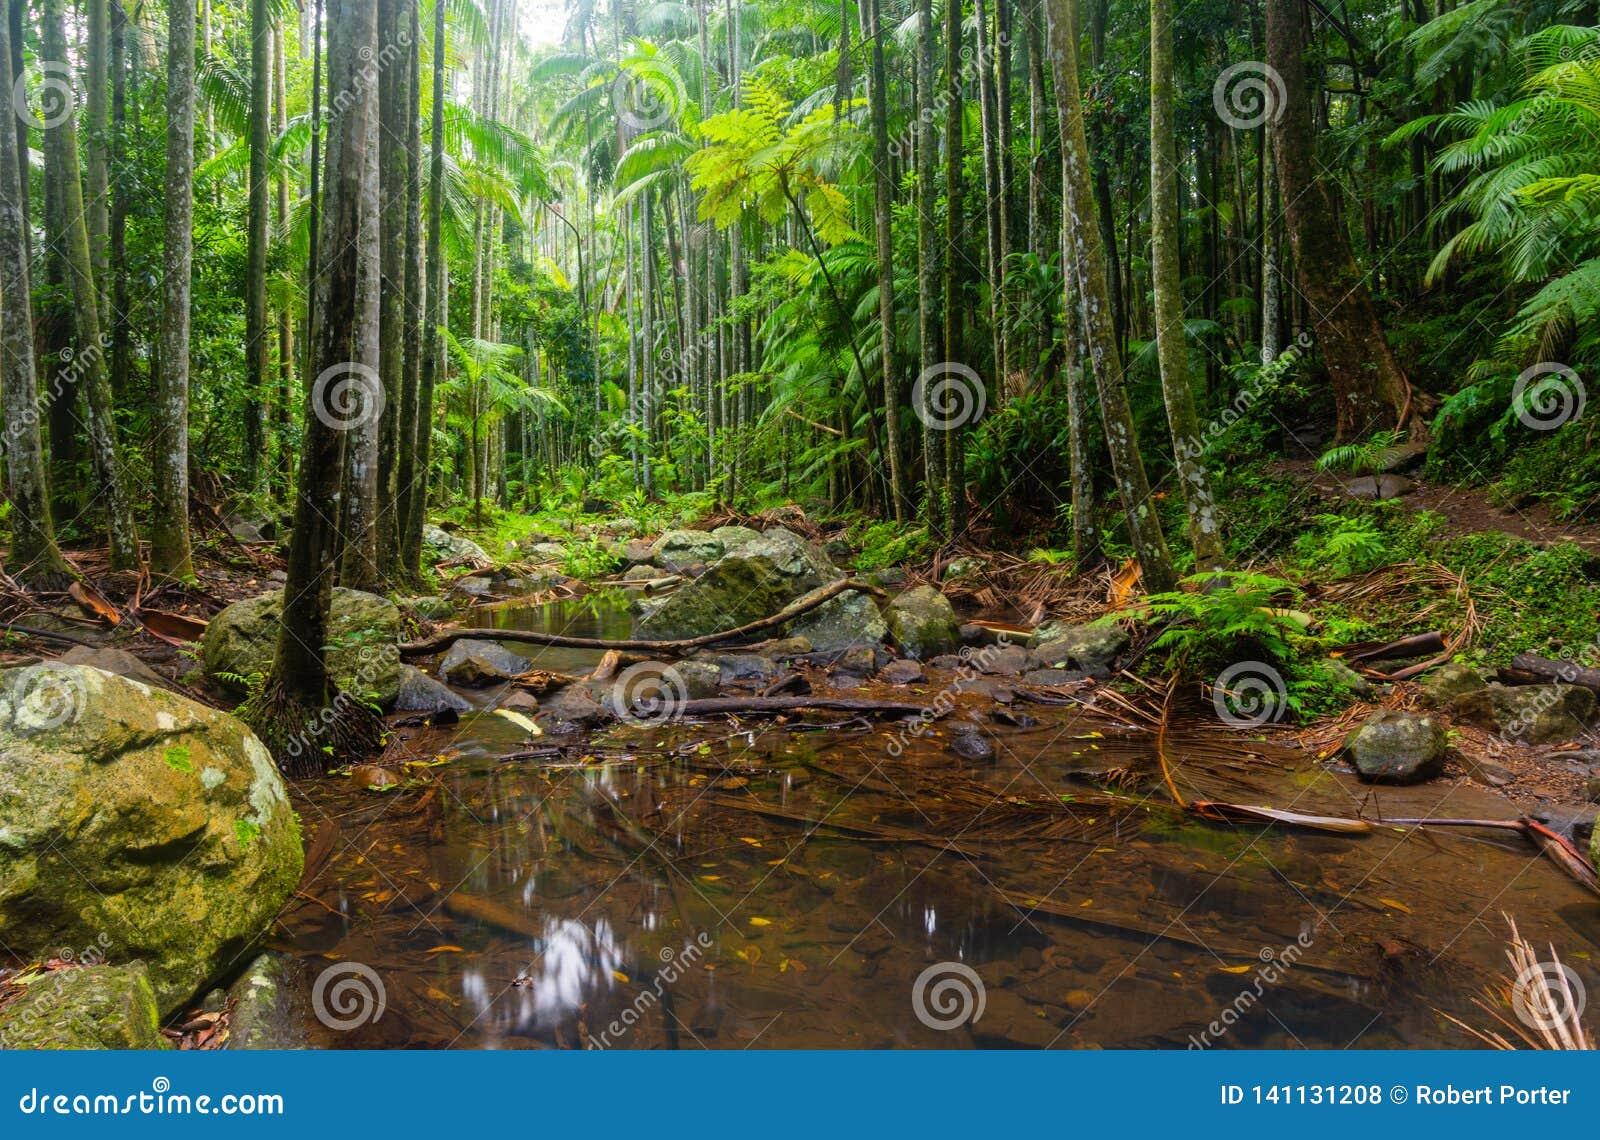 Kreek in een Subtropisch Regenwoud - Australië